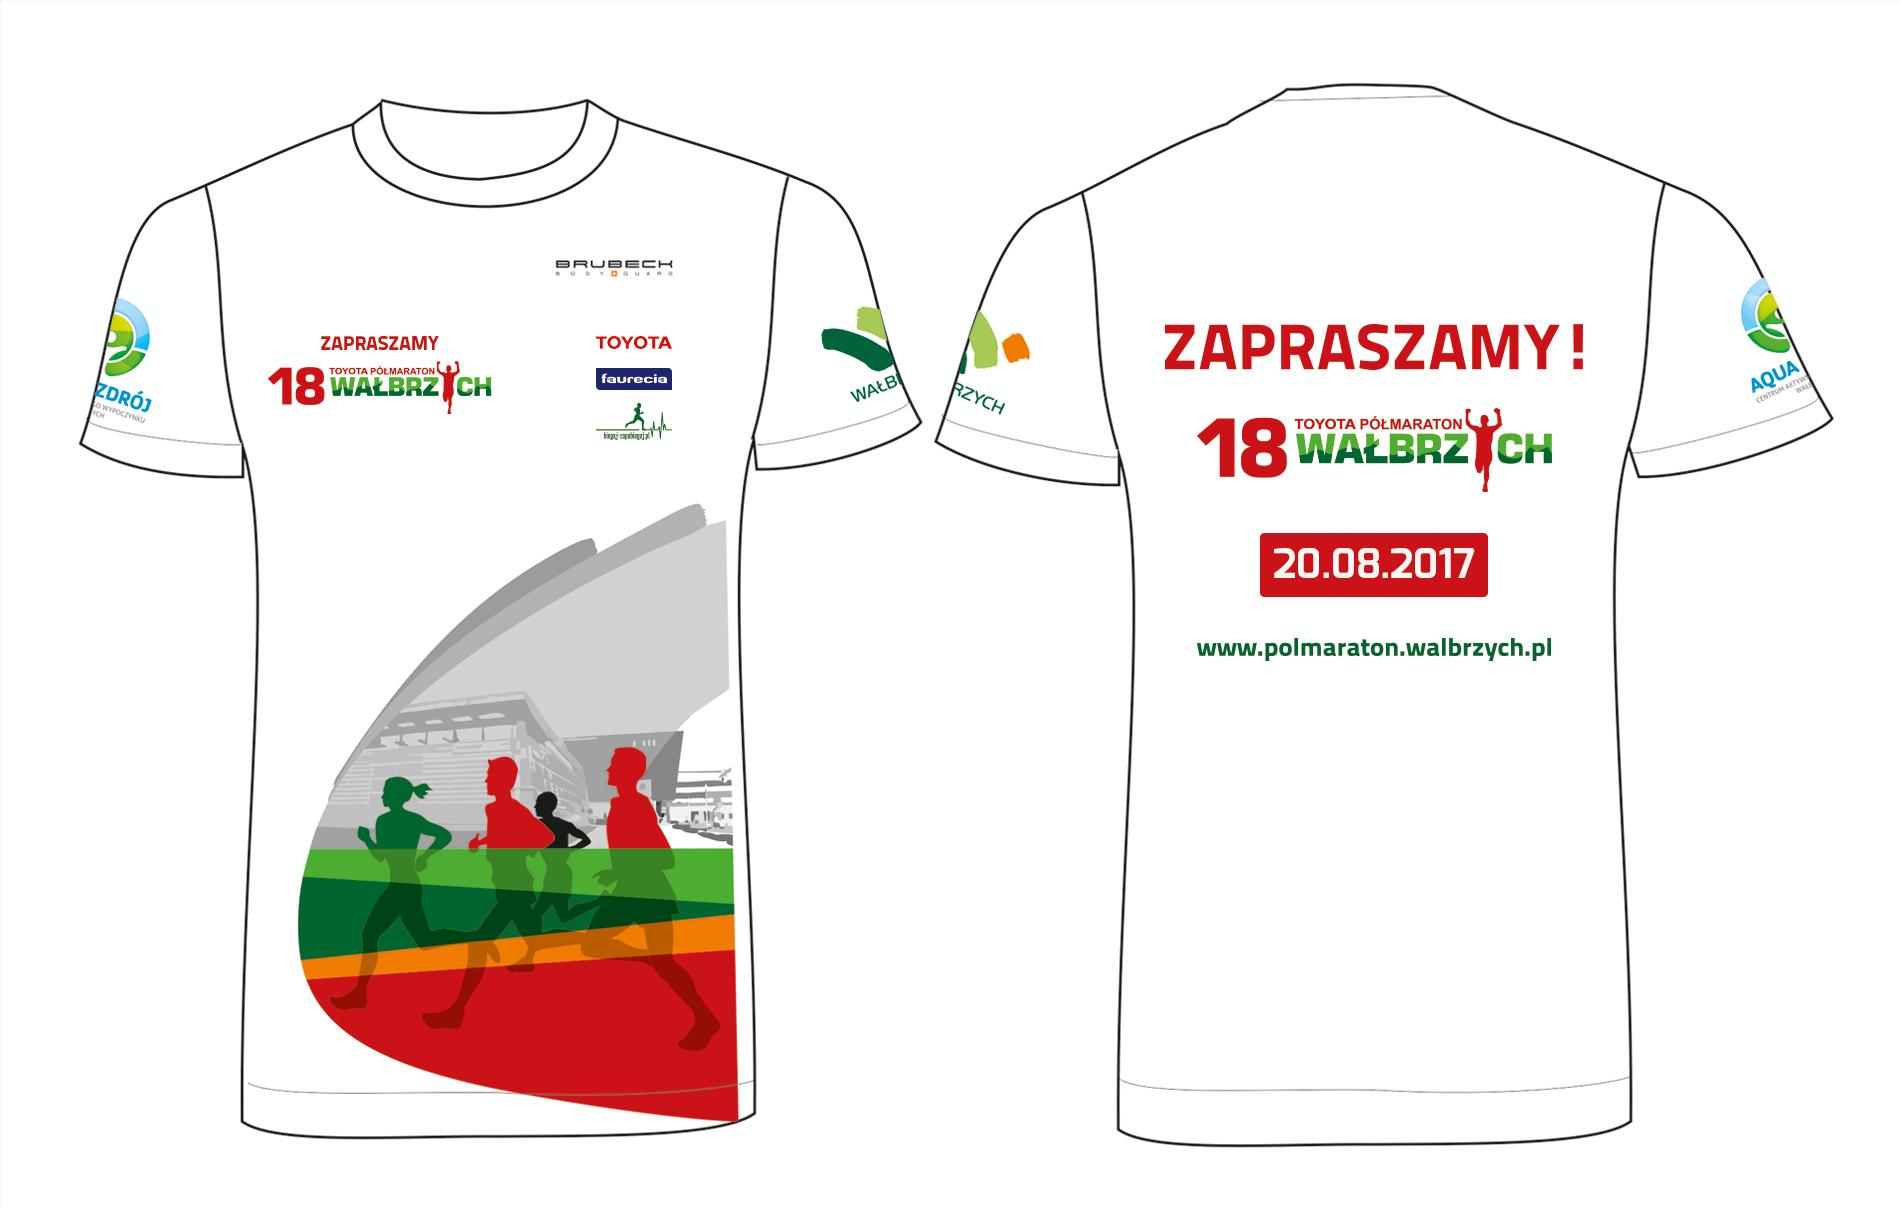 XIX Toyota Pólmaraton Wałbrzych